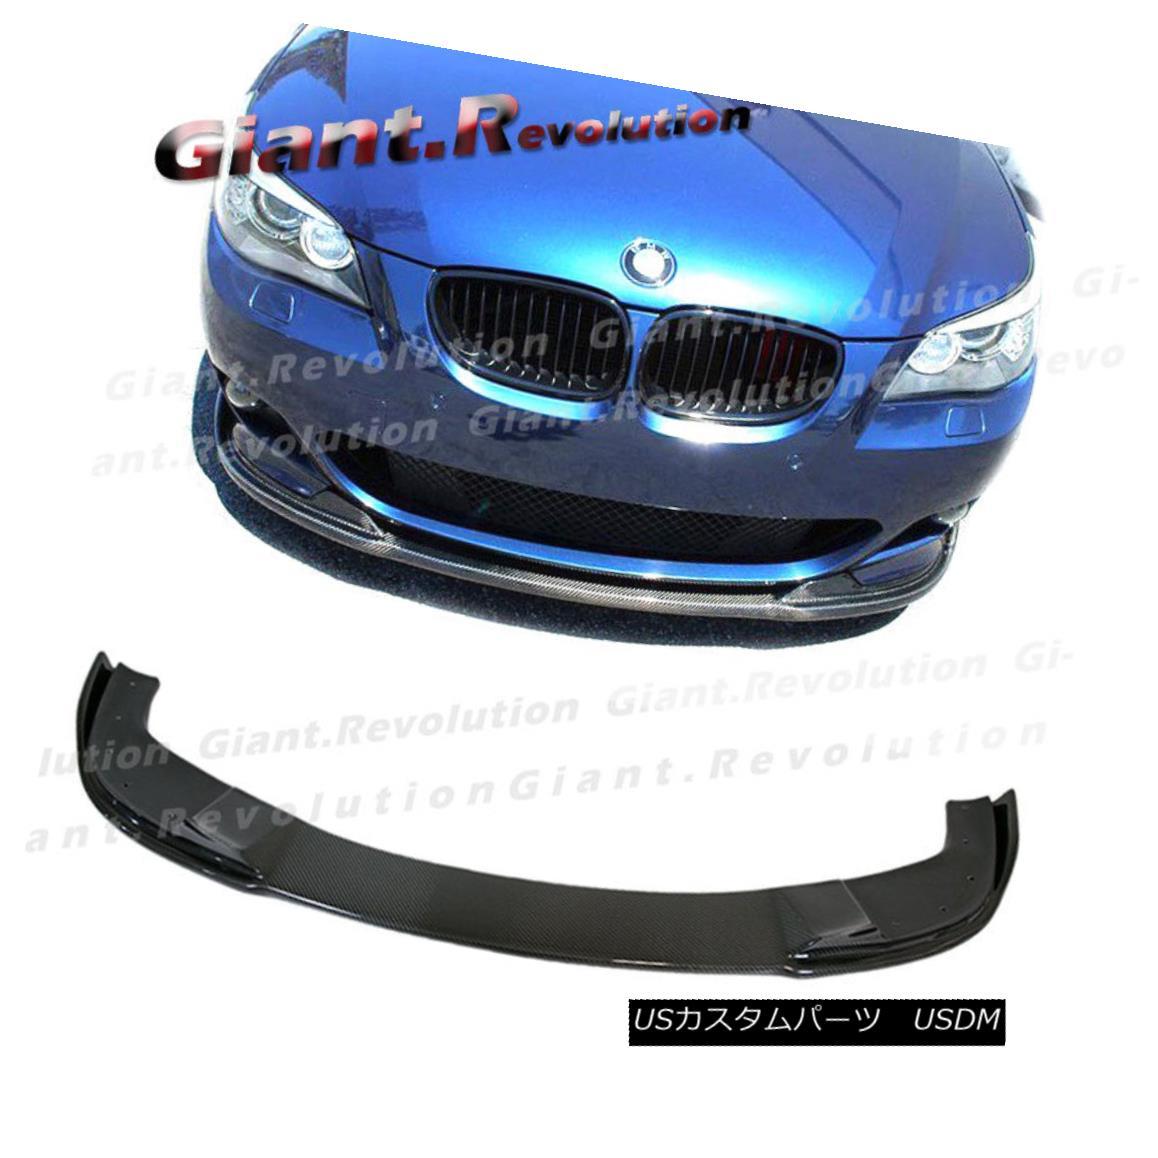 エアロパーツ For 04-10 BMW E60 5-Series 528i 550i M-Tech Sedan Carbon Fiber H Type Bumper Lip 04-10 BMW E60 5シリーズ528i 550i M-TechセダンカーボンファイバーHタイプバンパーリップ